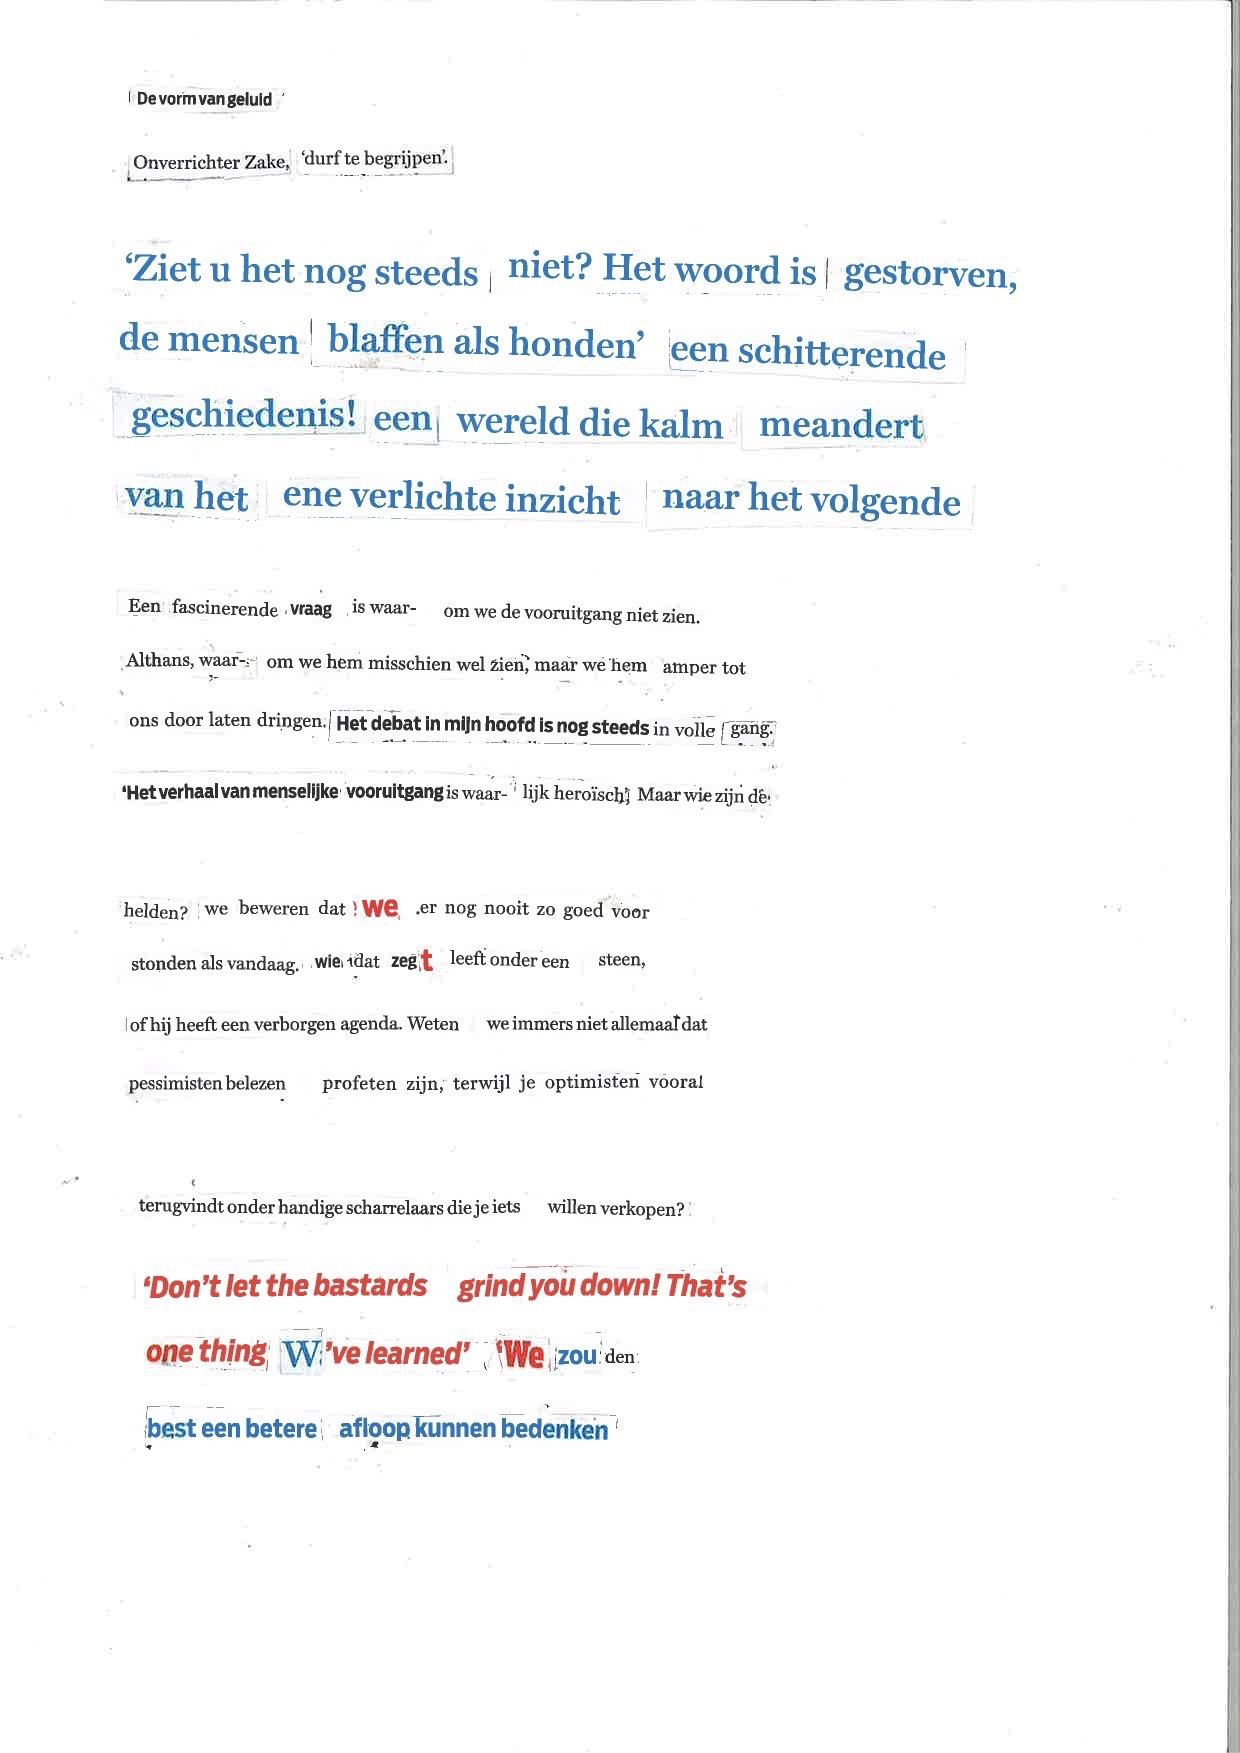 Geknipte gedichten, de vorm van geluid.collage